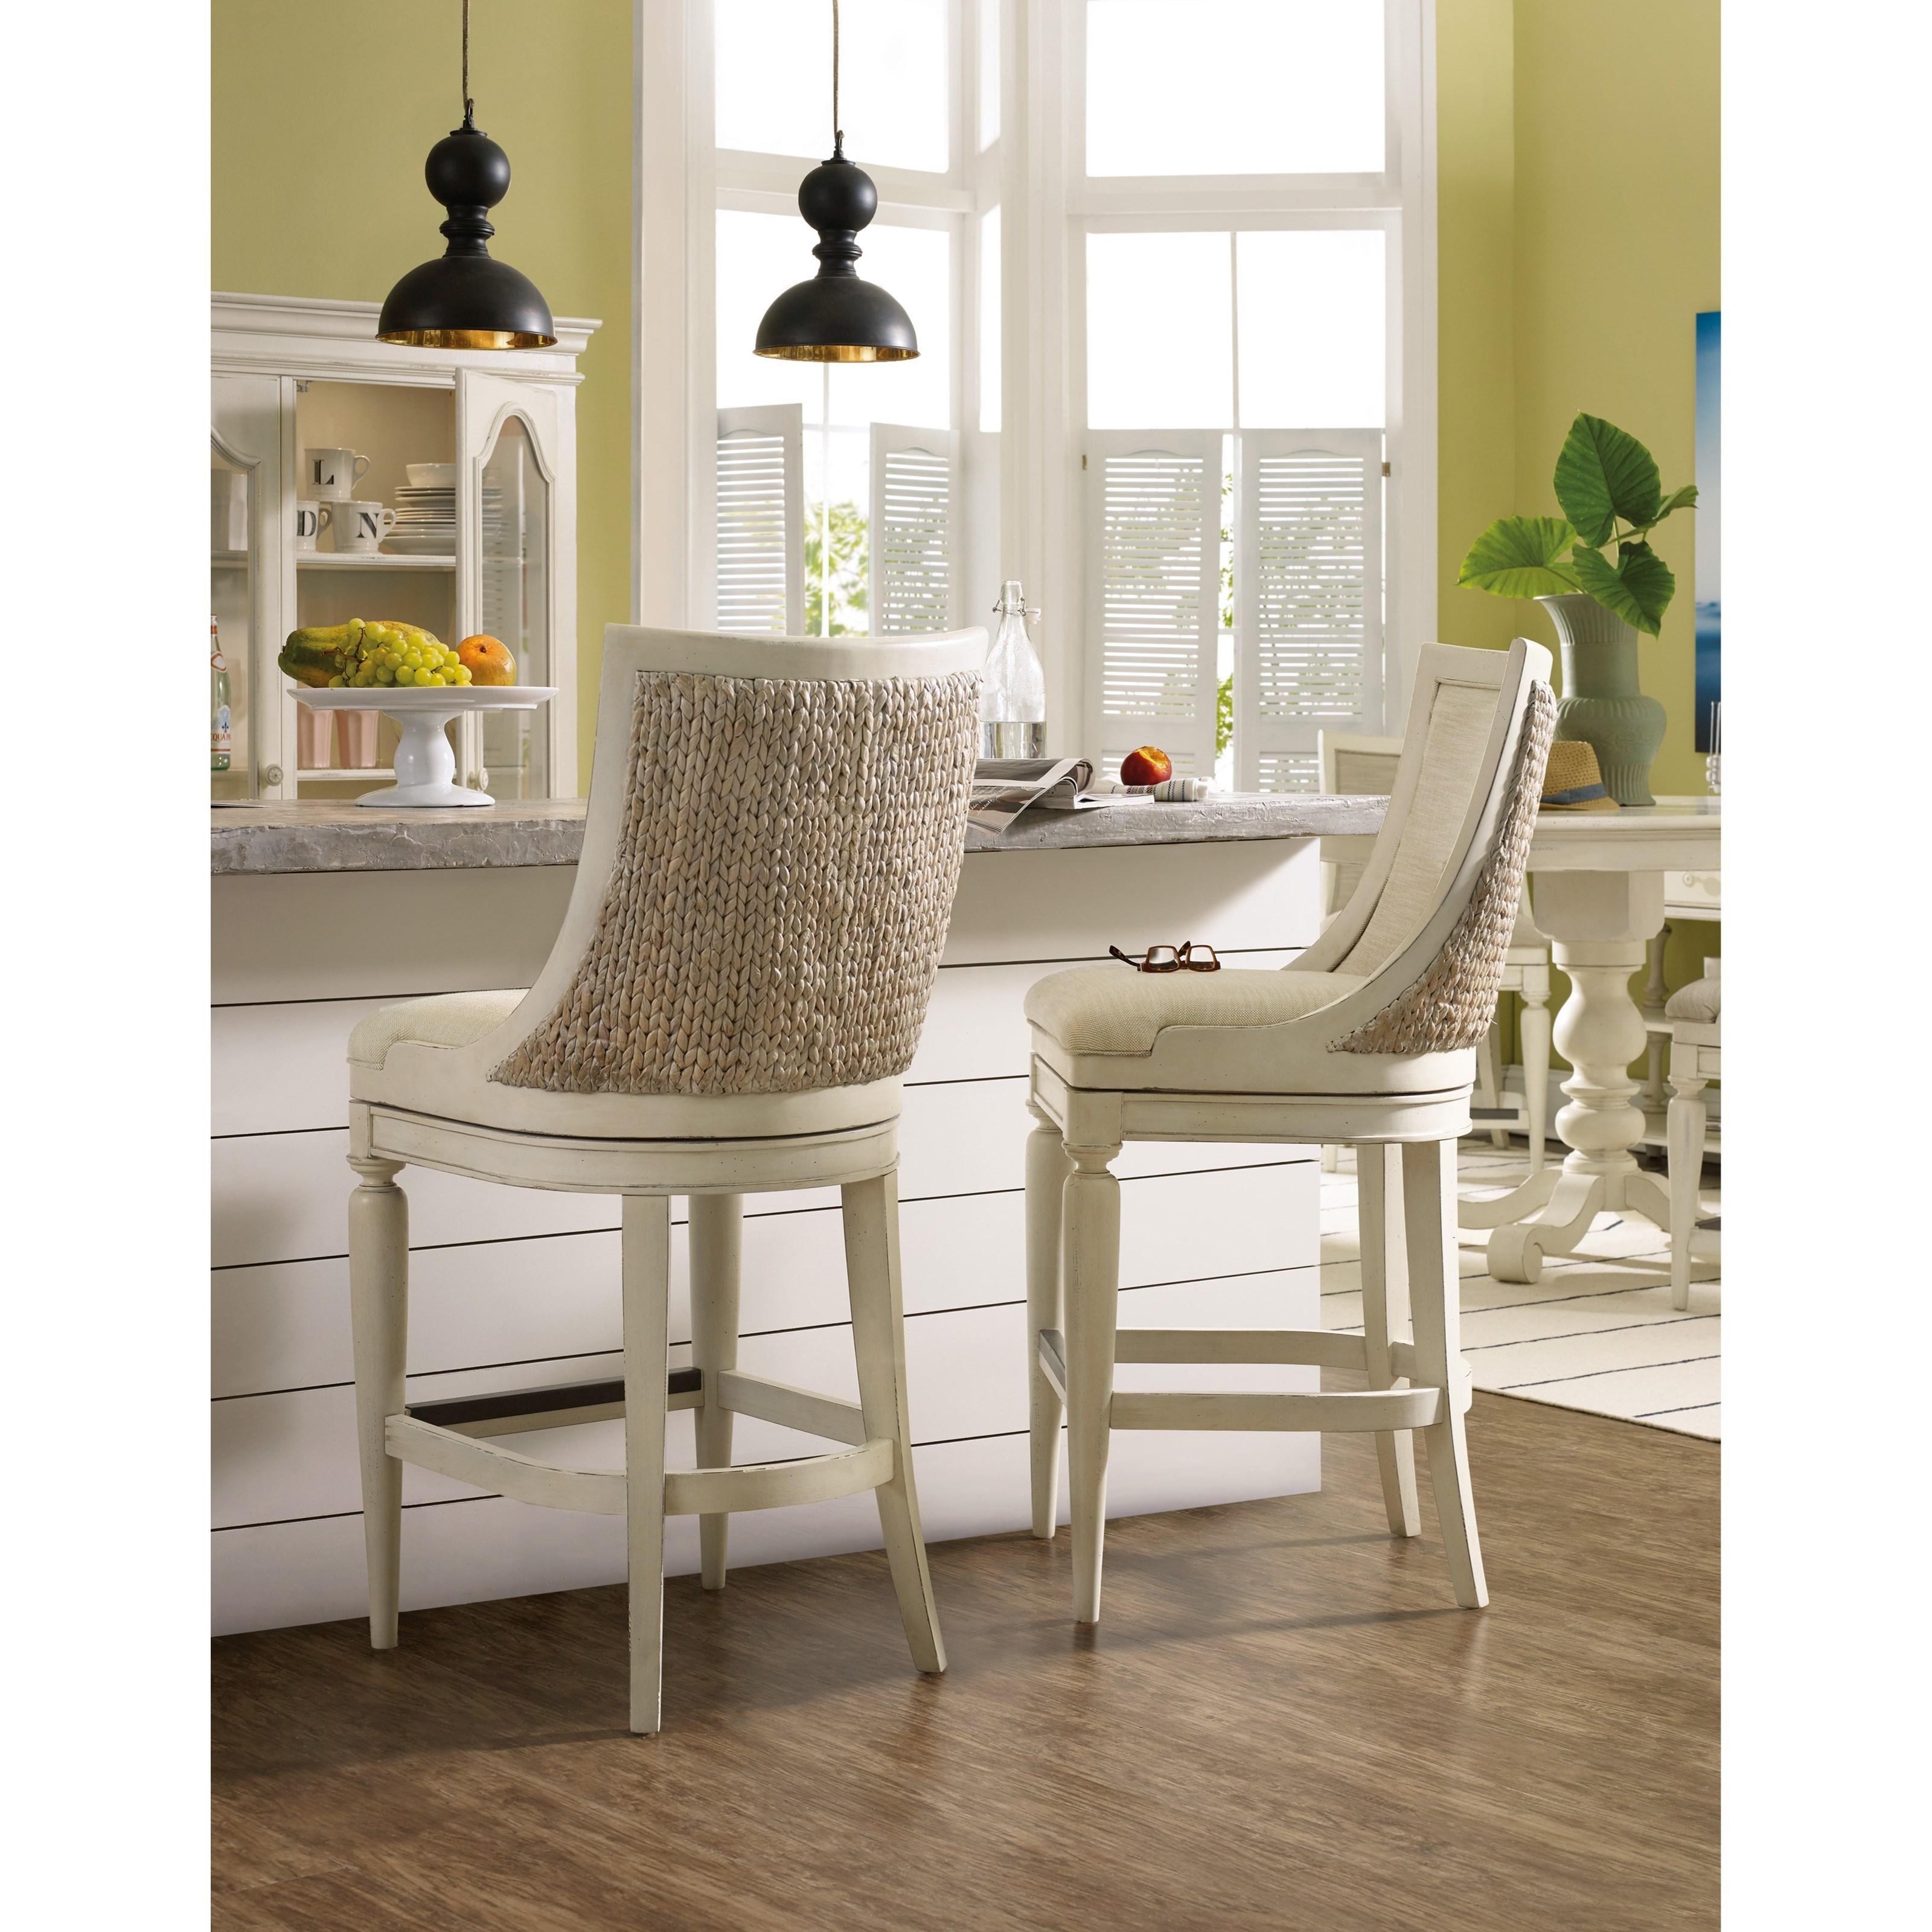 Hooker Furniture Sandcastle Upholstered Barstool With